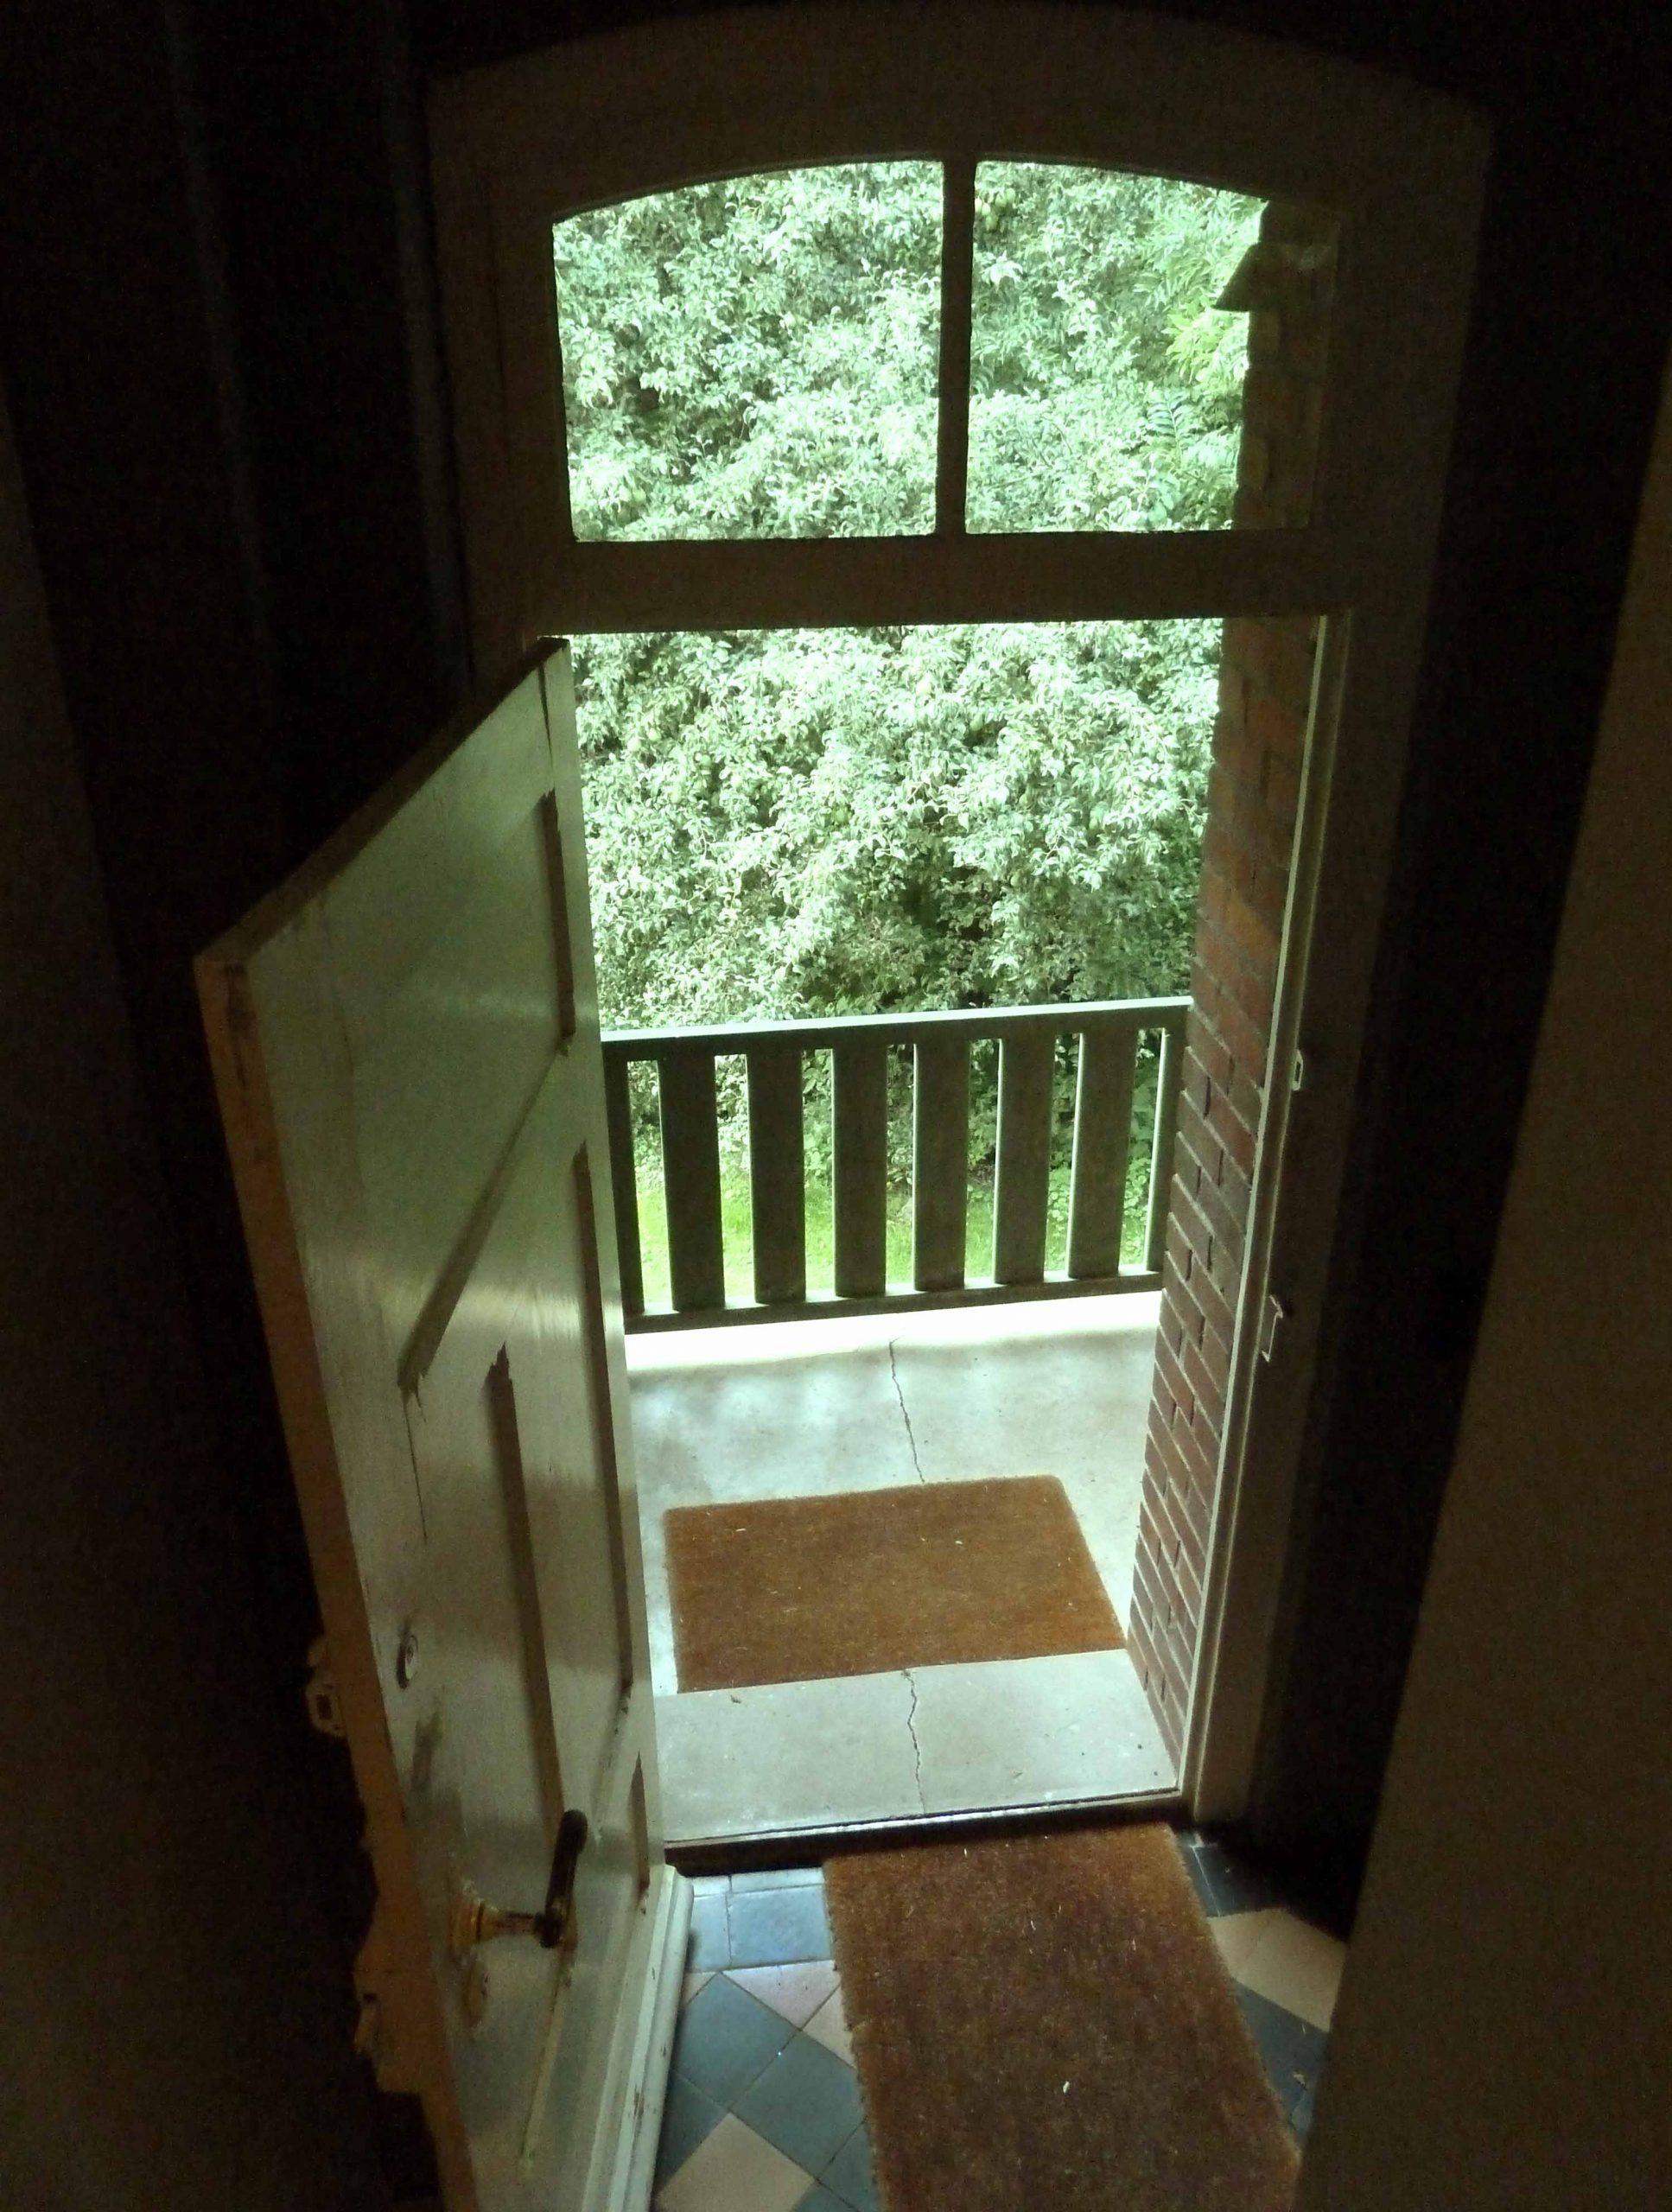 Hauseingang Elbeglück aus der Treppe gesehene offene Tür